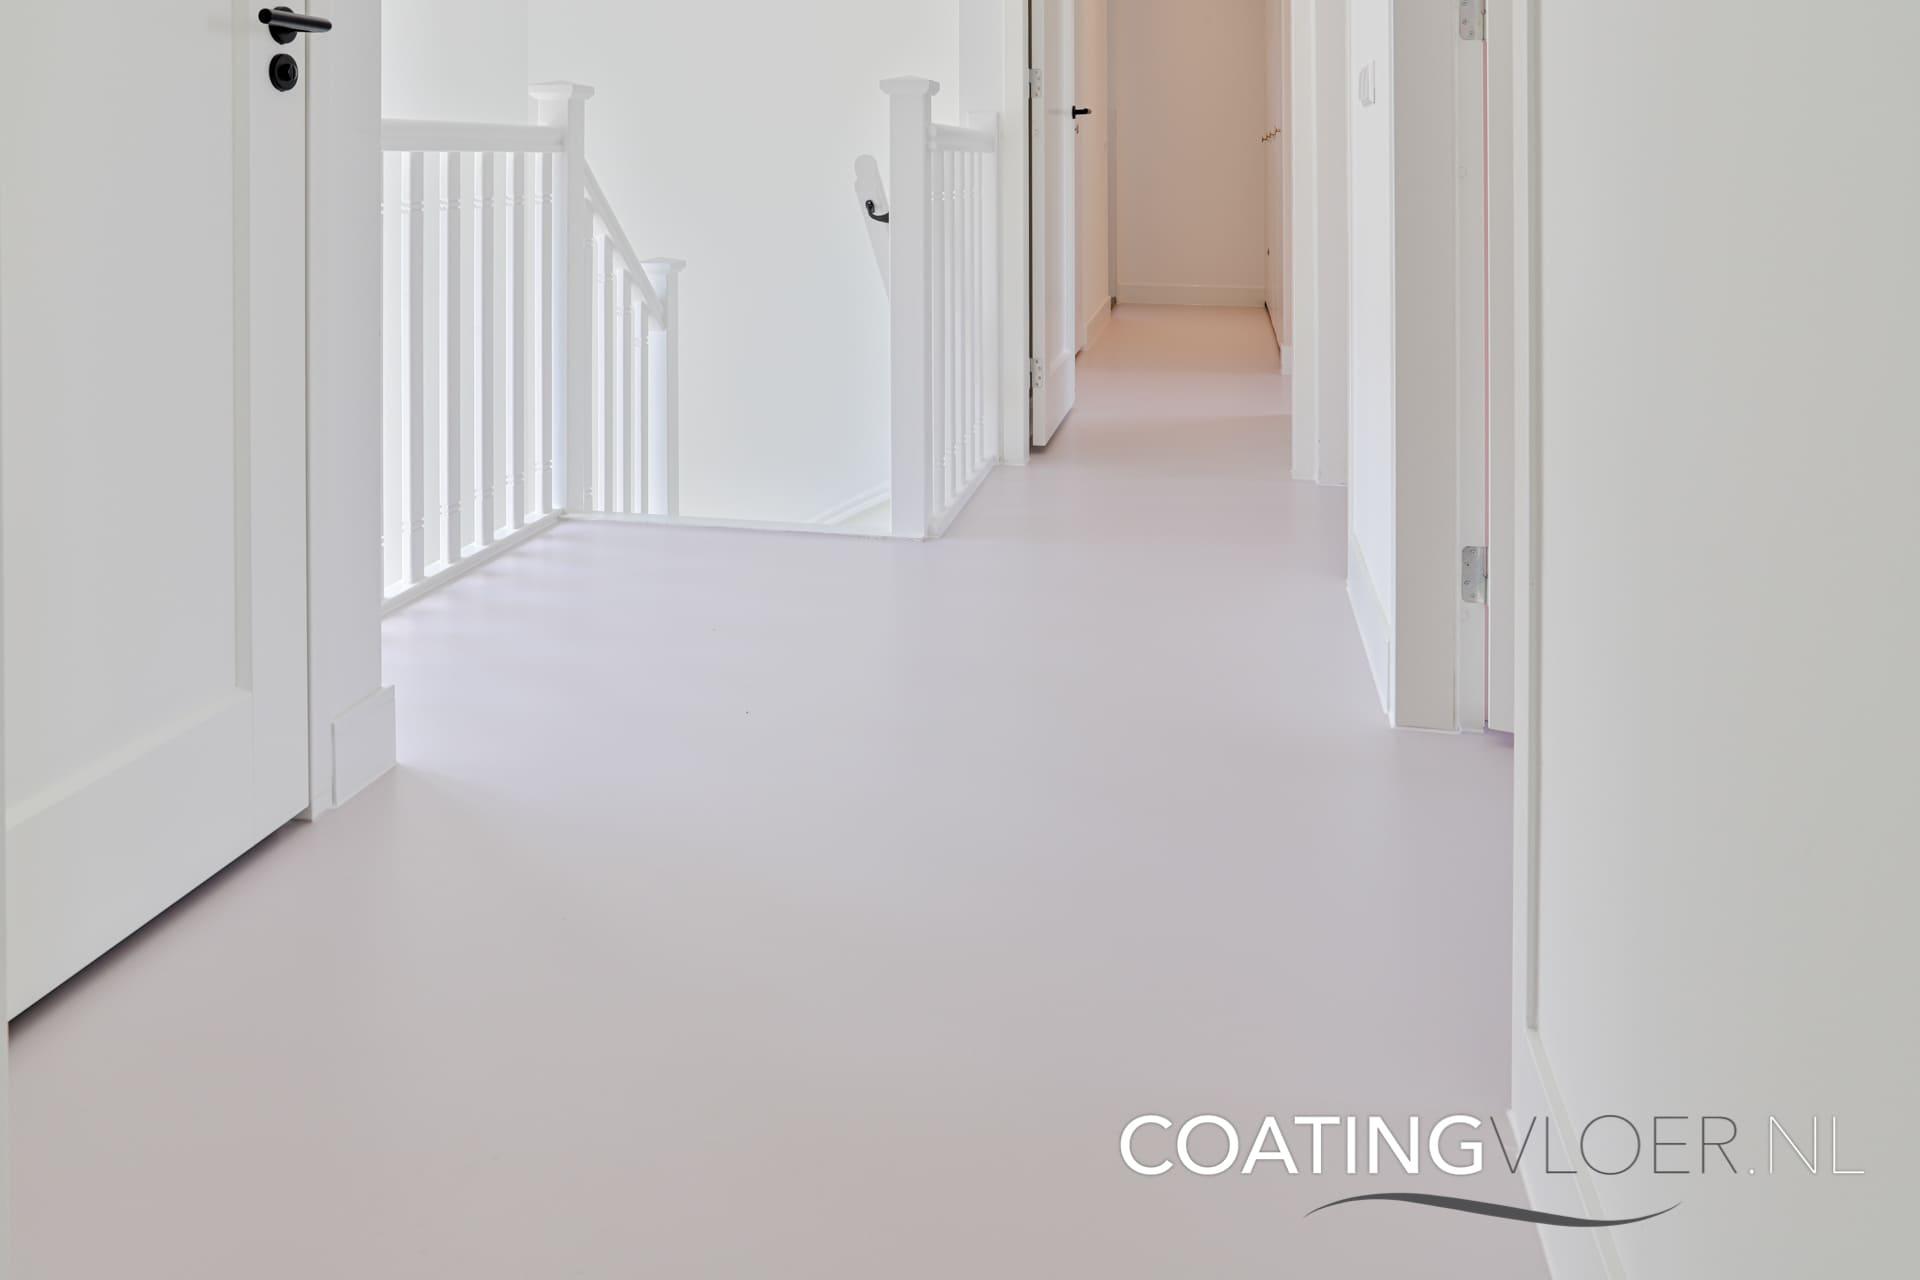 Gietvloer op zolder: strak en verfijnd